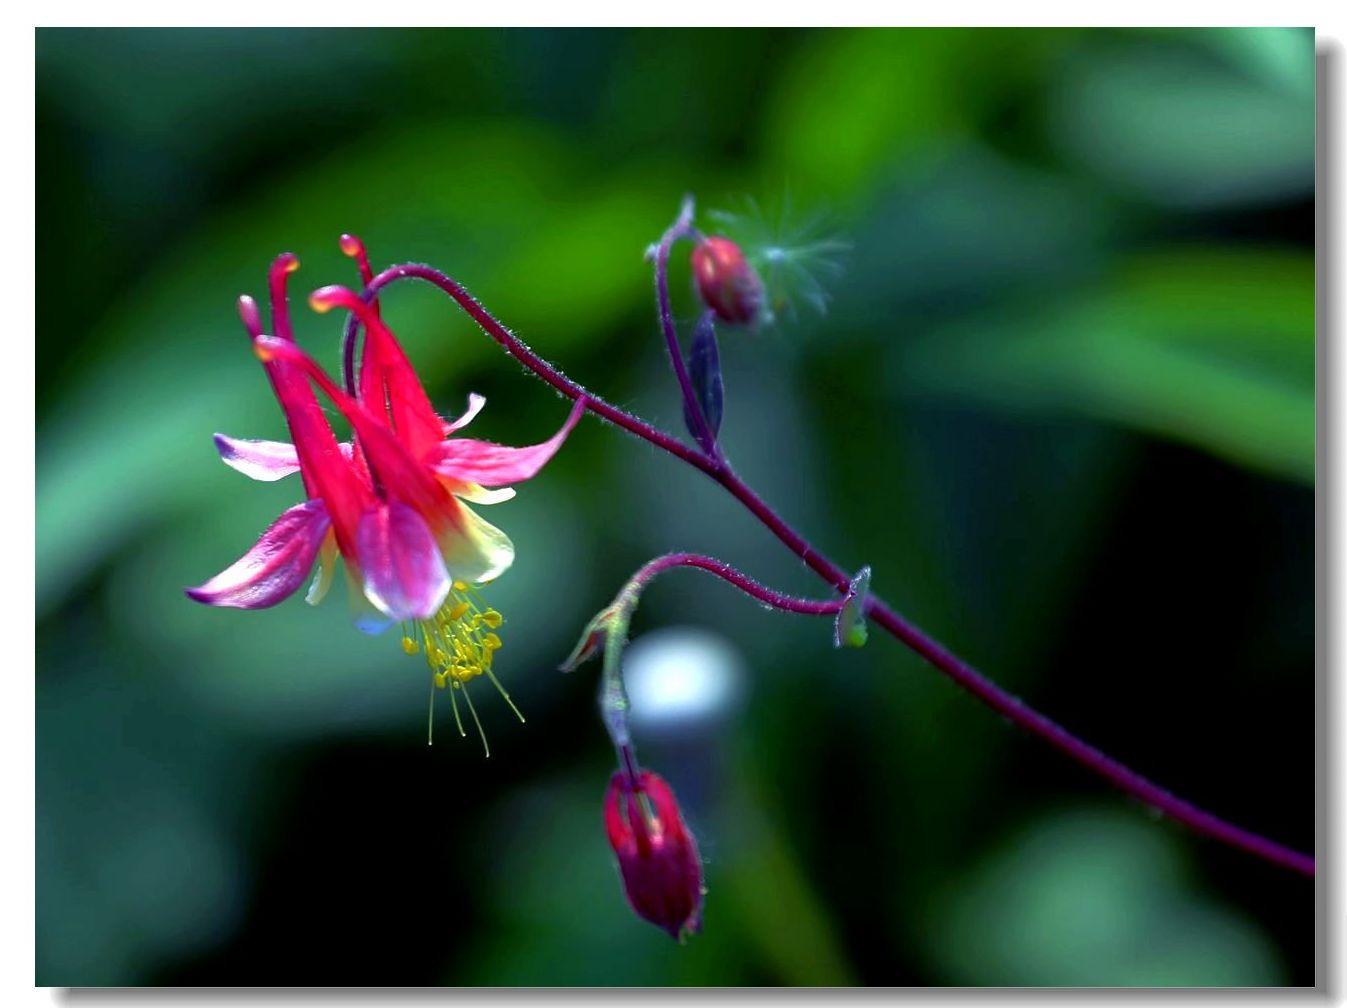 花卉选拍-耧斗菜_图1-6